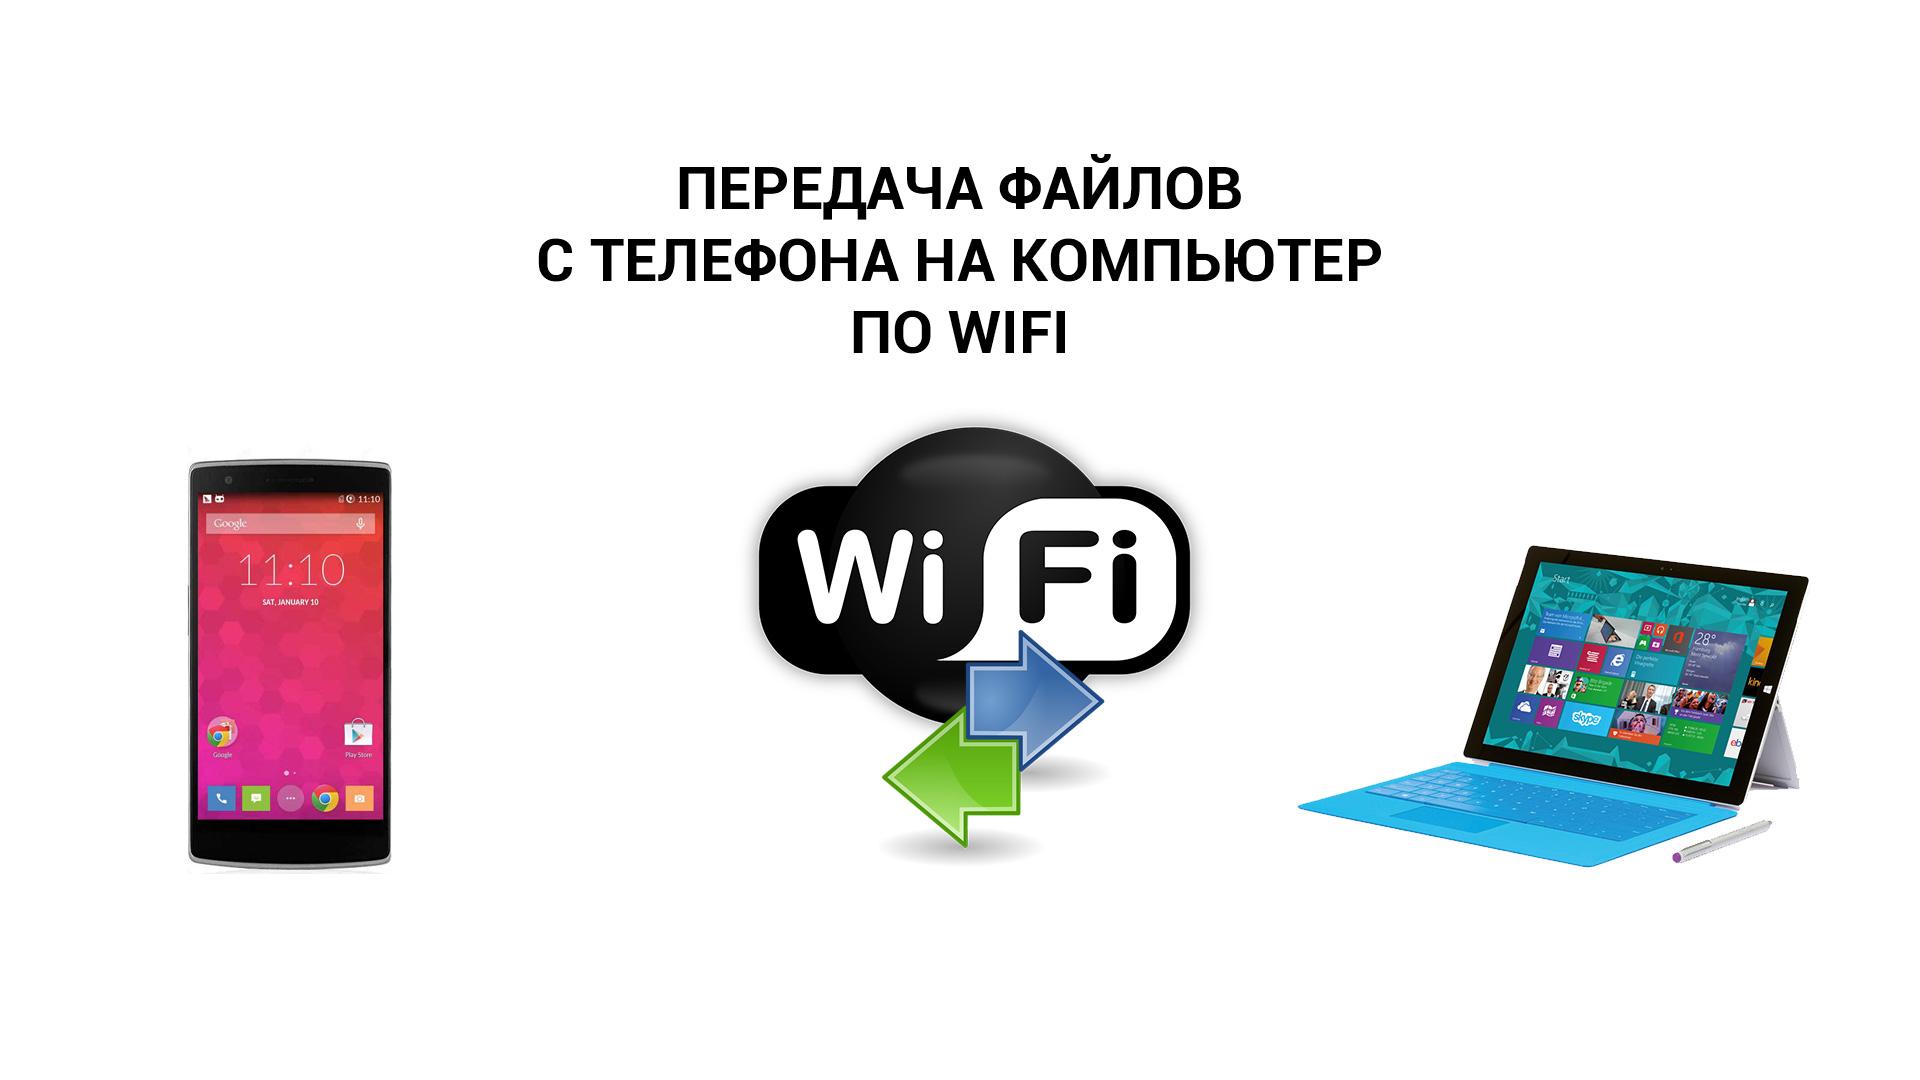 Как передать файлы с телефона на компьютер по WiFi?